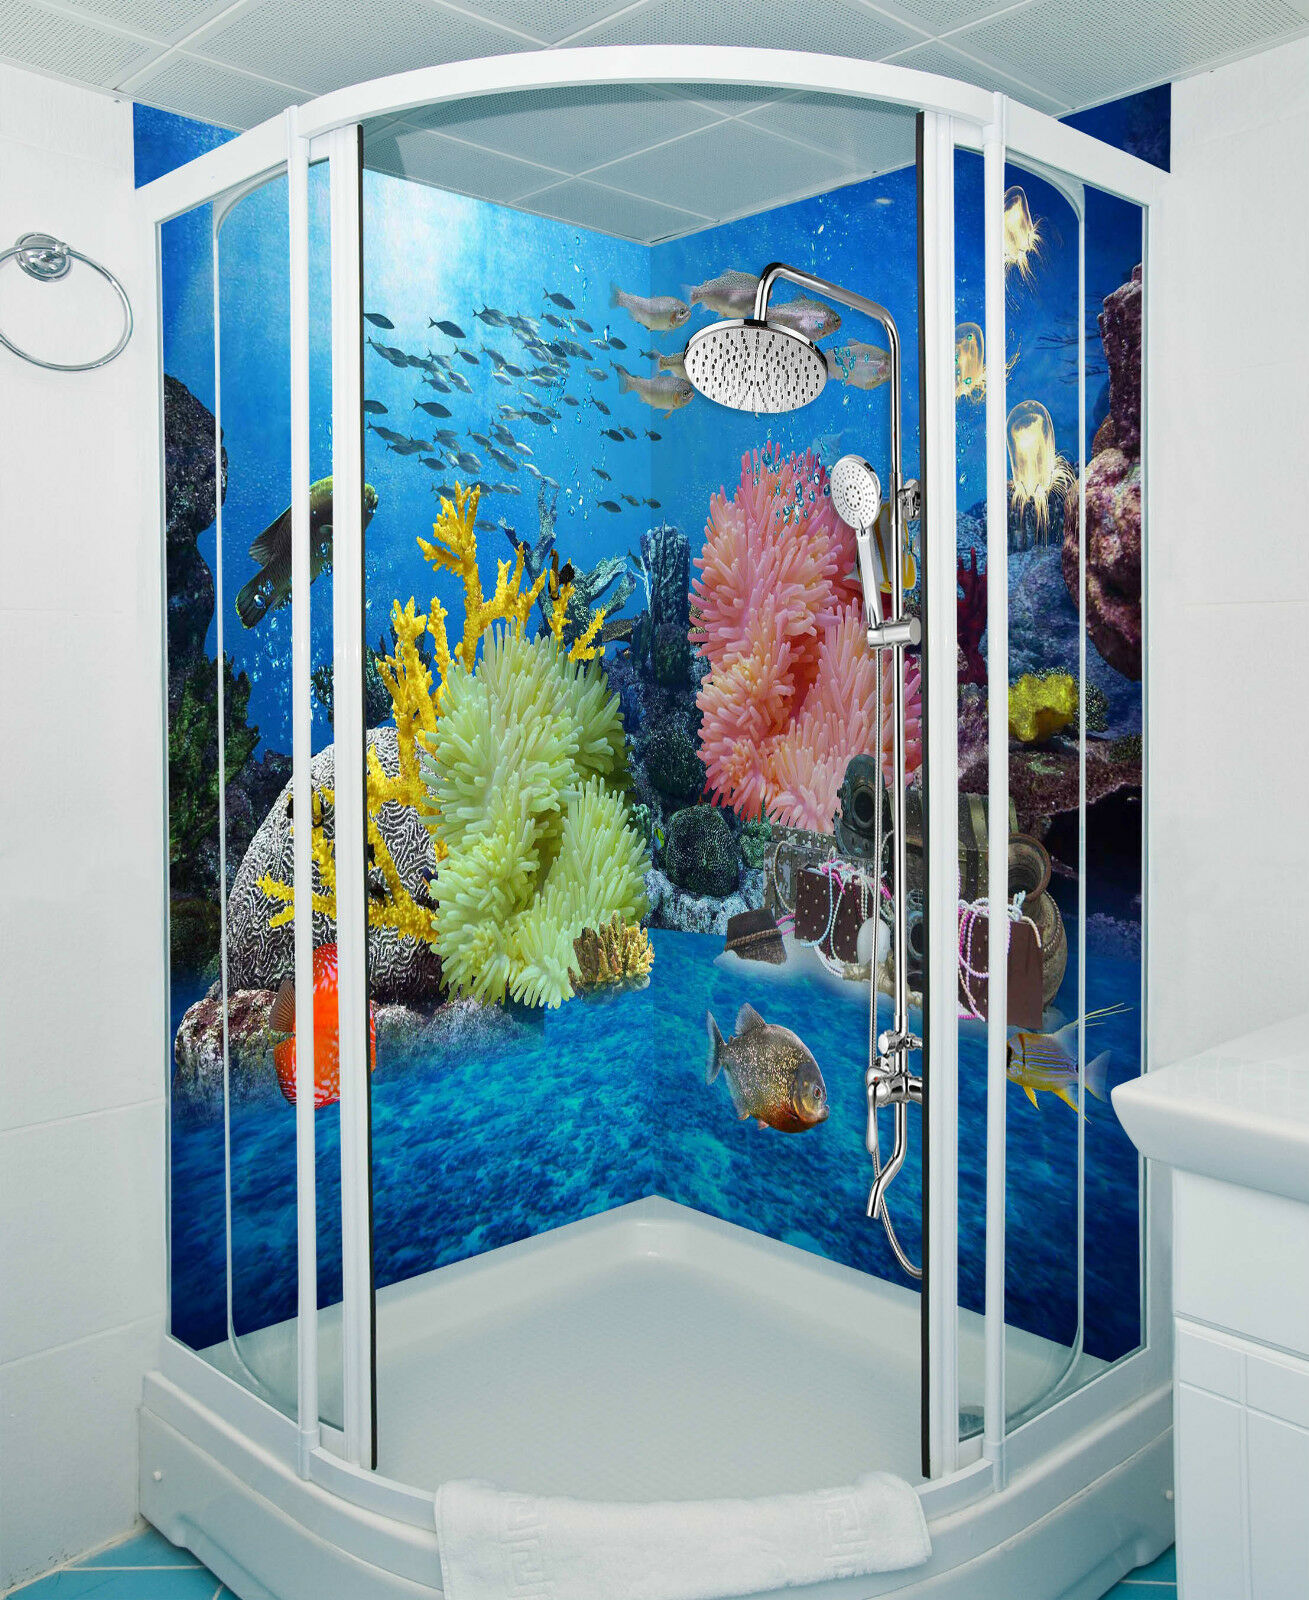 3D Farbeful Ocean 093 WallPaper Bathroom Print Decal Wall Deco AJ WALLPAPER CA